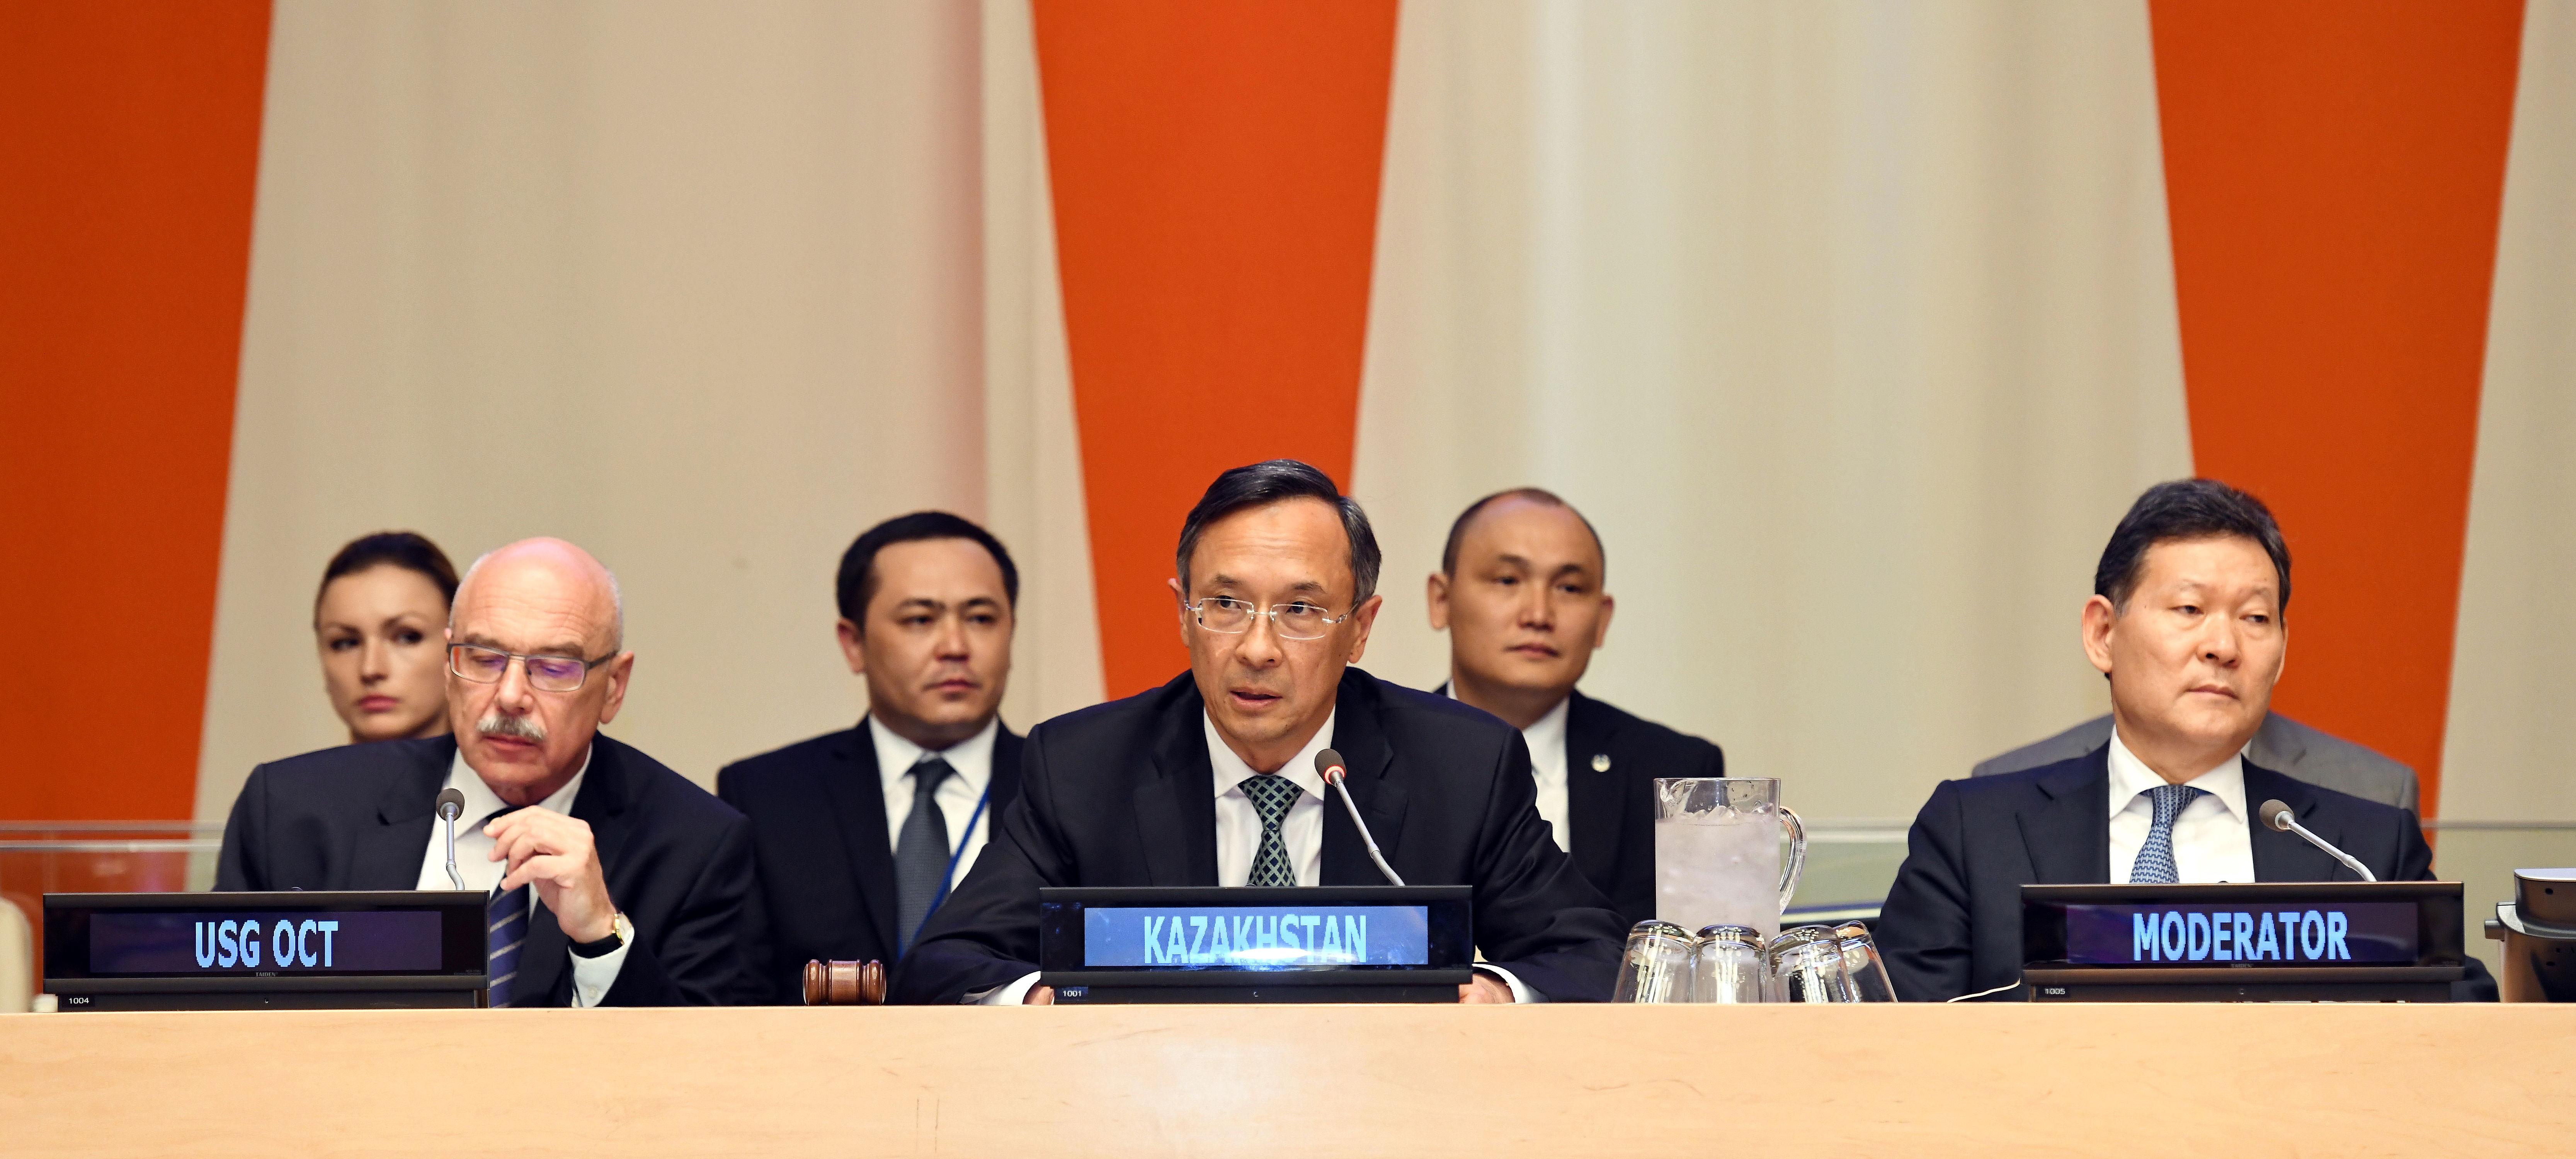 Более 70 стран мира поддержали казахстанский кодекс по достижению мира, свободного от терроризма